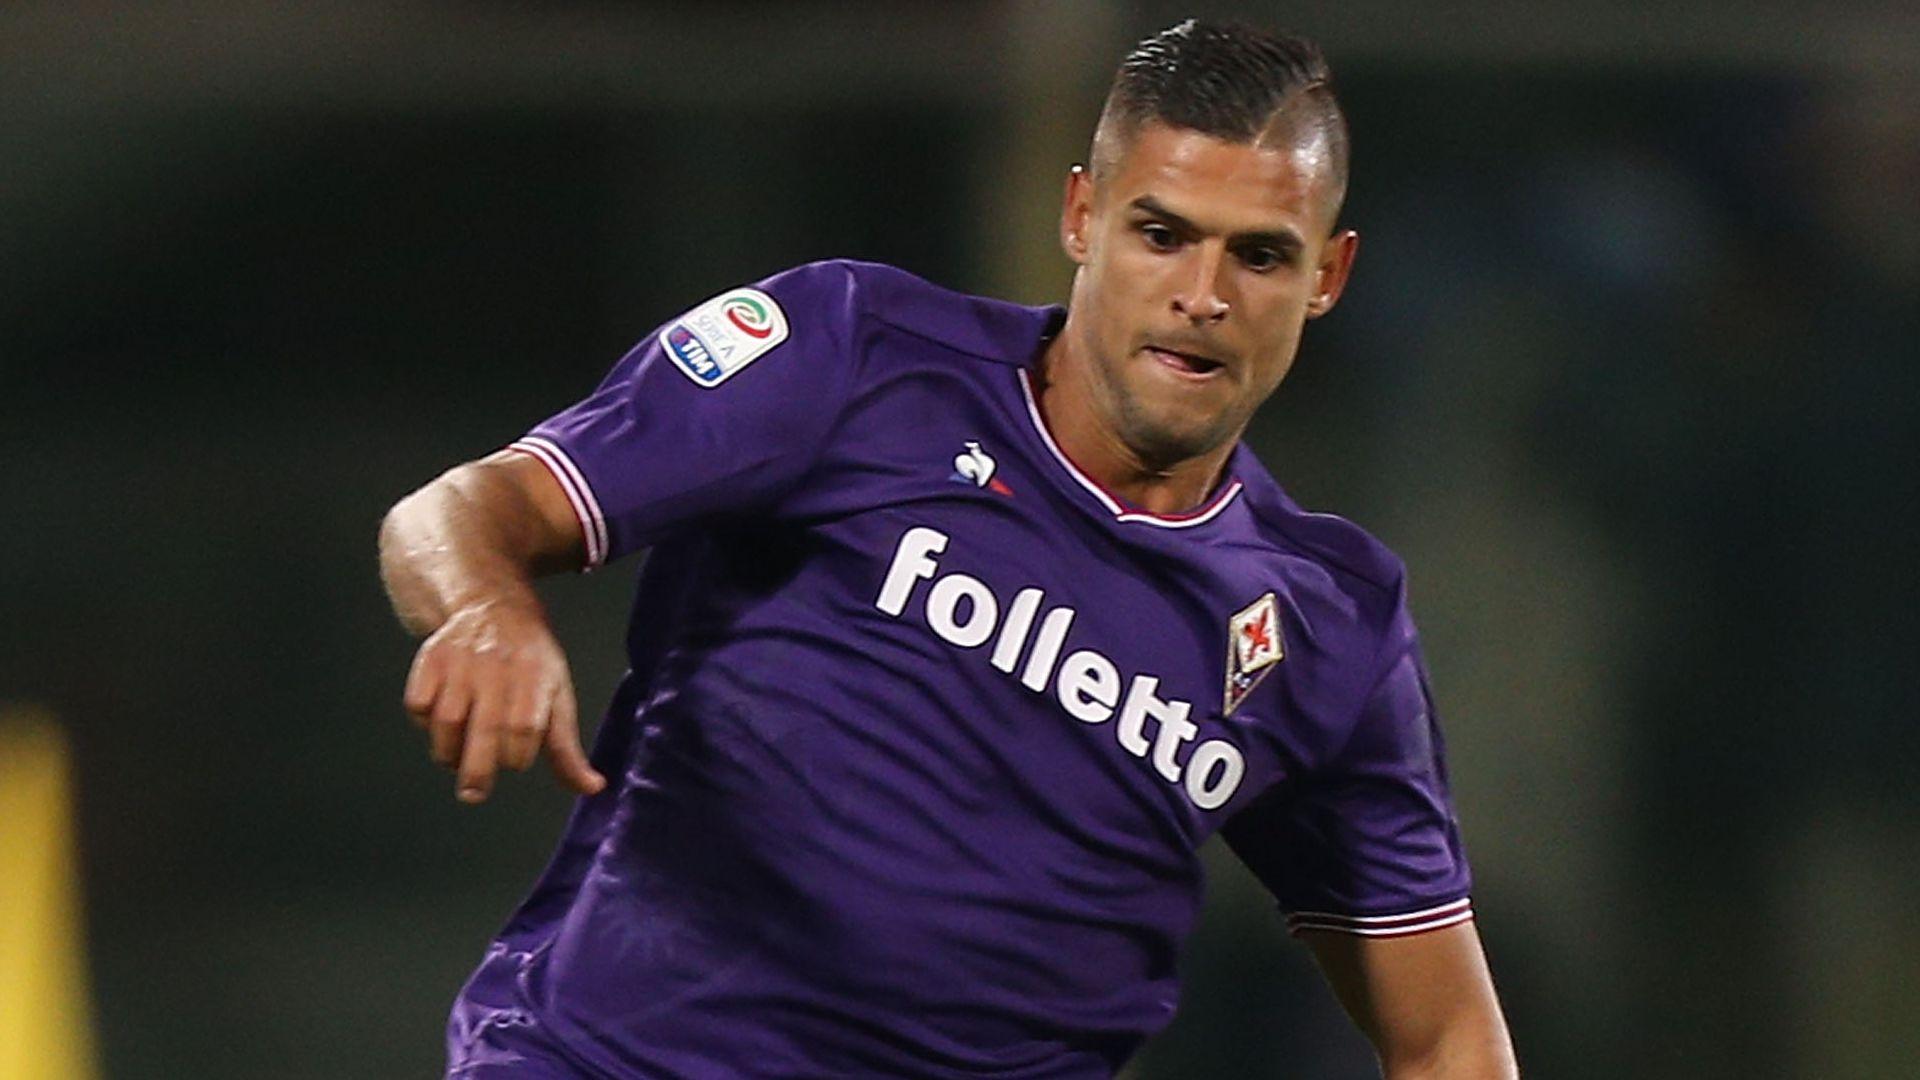 Calciomercato Parma, Laurini a titolo definitivo dalla Fiorentina